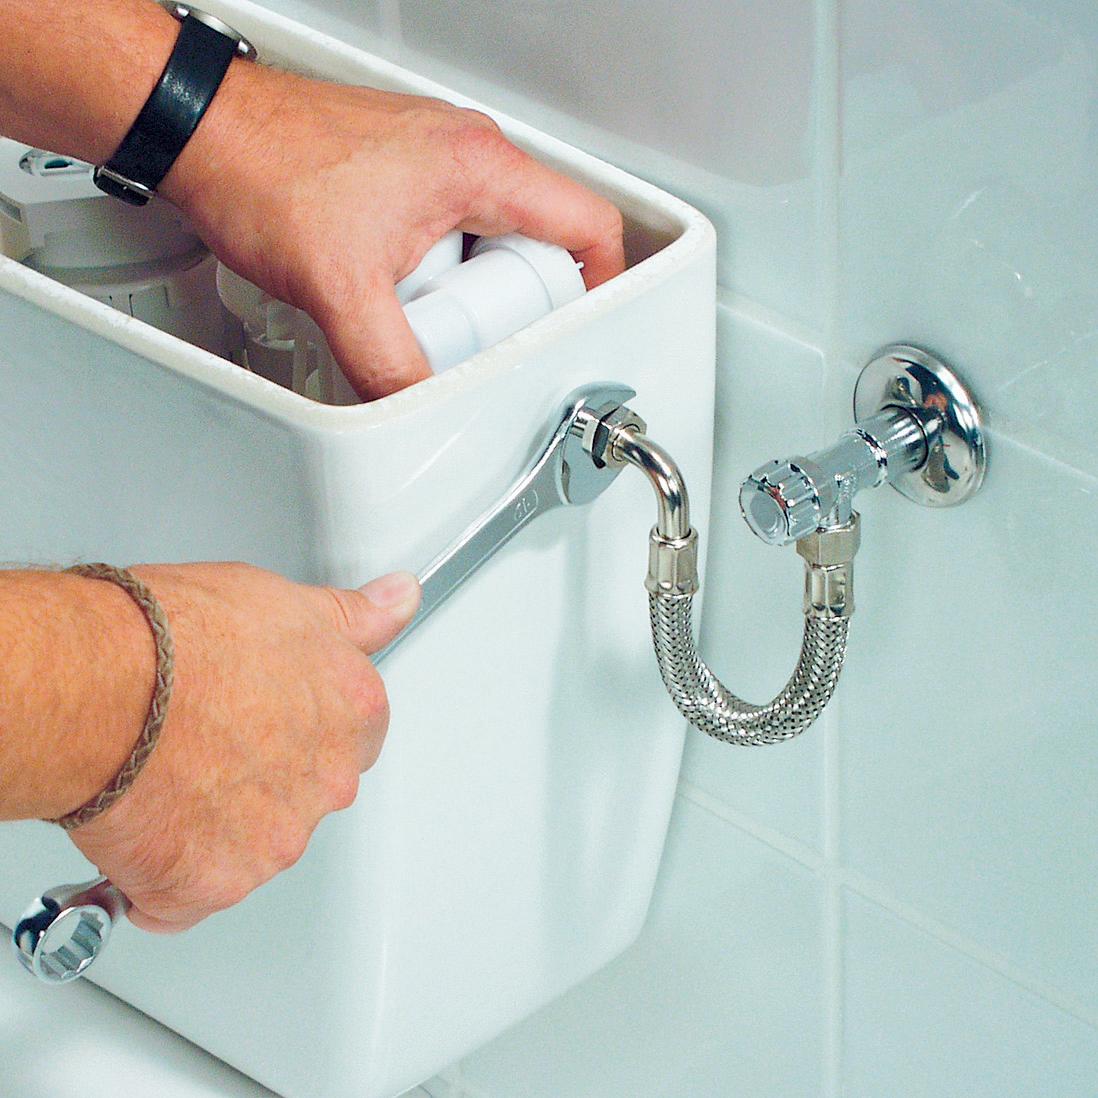 Подключение воды к унитазу